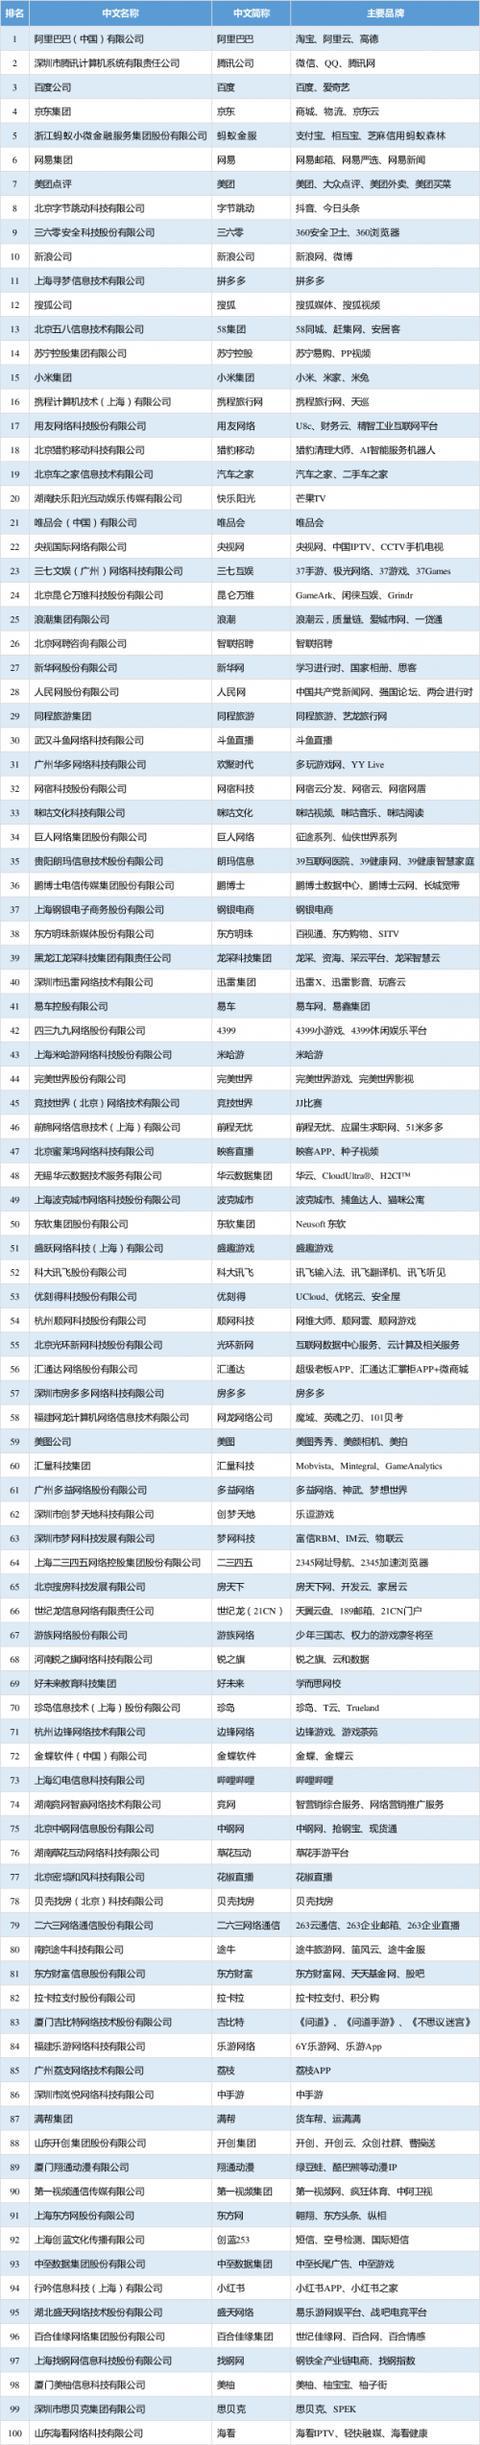 互联网企业100强完善名单都有哪些 2019年互联网发展前景如何?